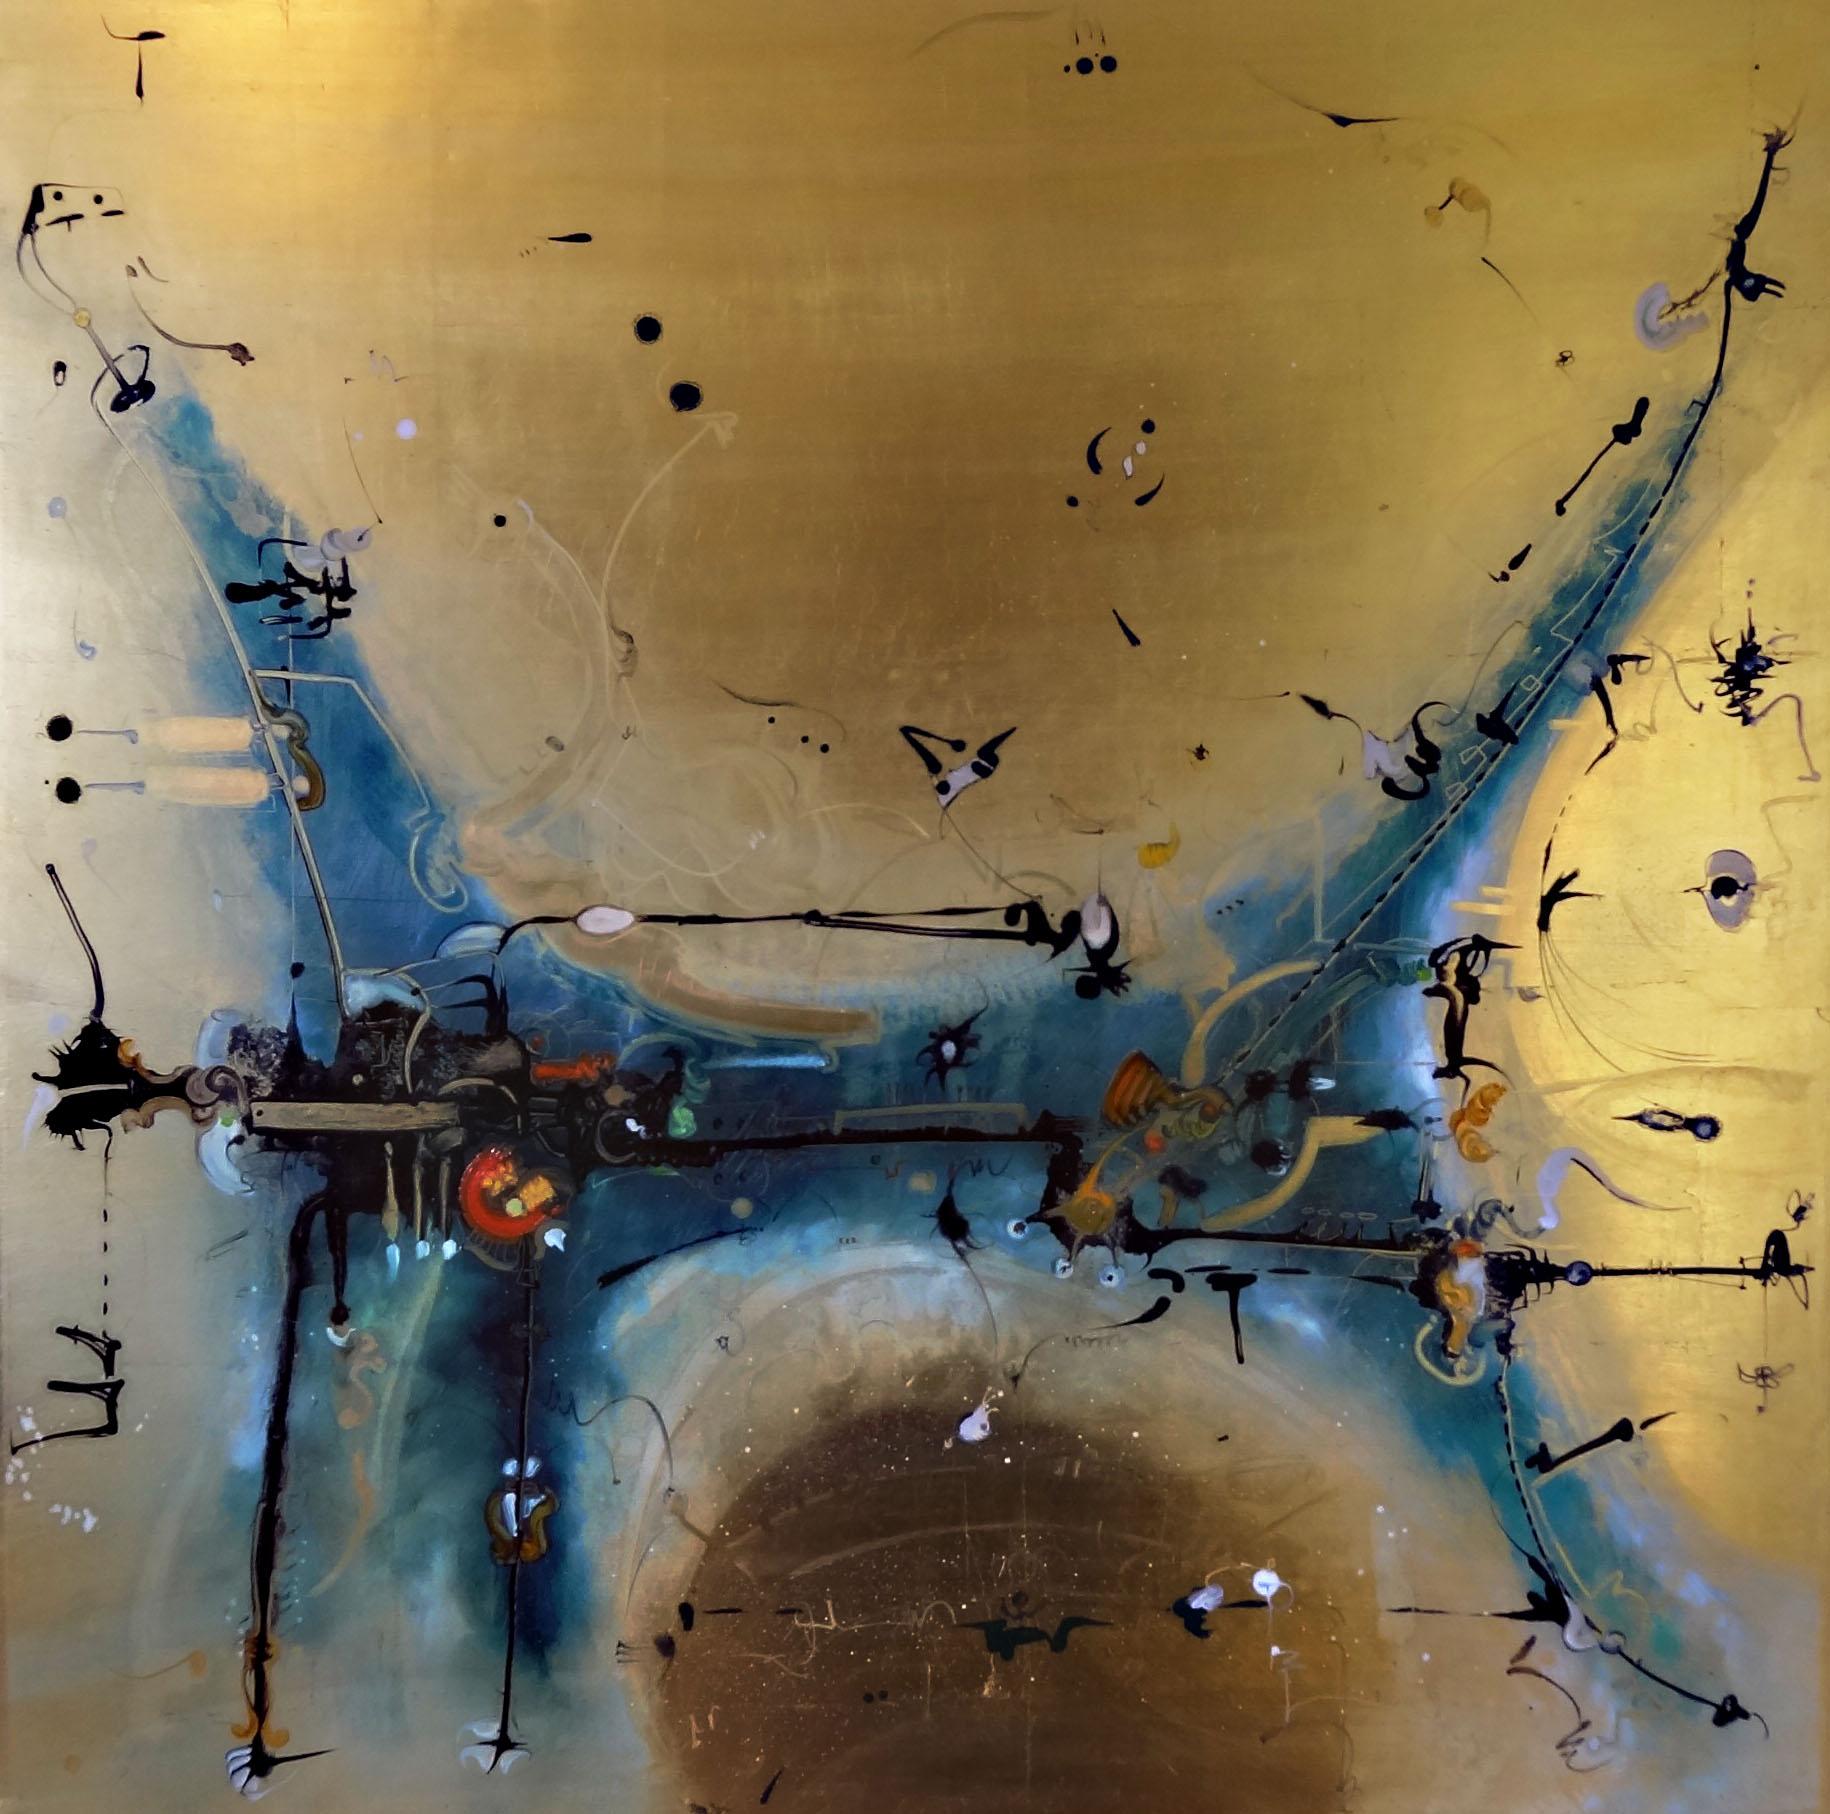 óleo sobre láminas de oro 80 x 80 cm